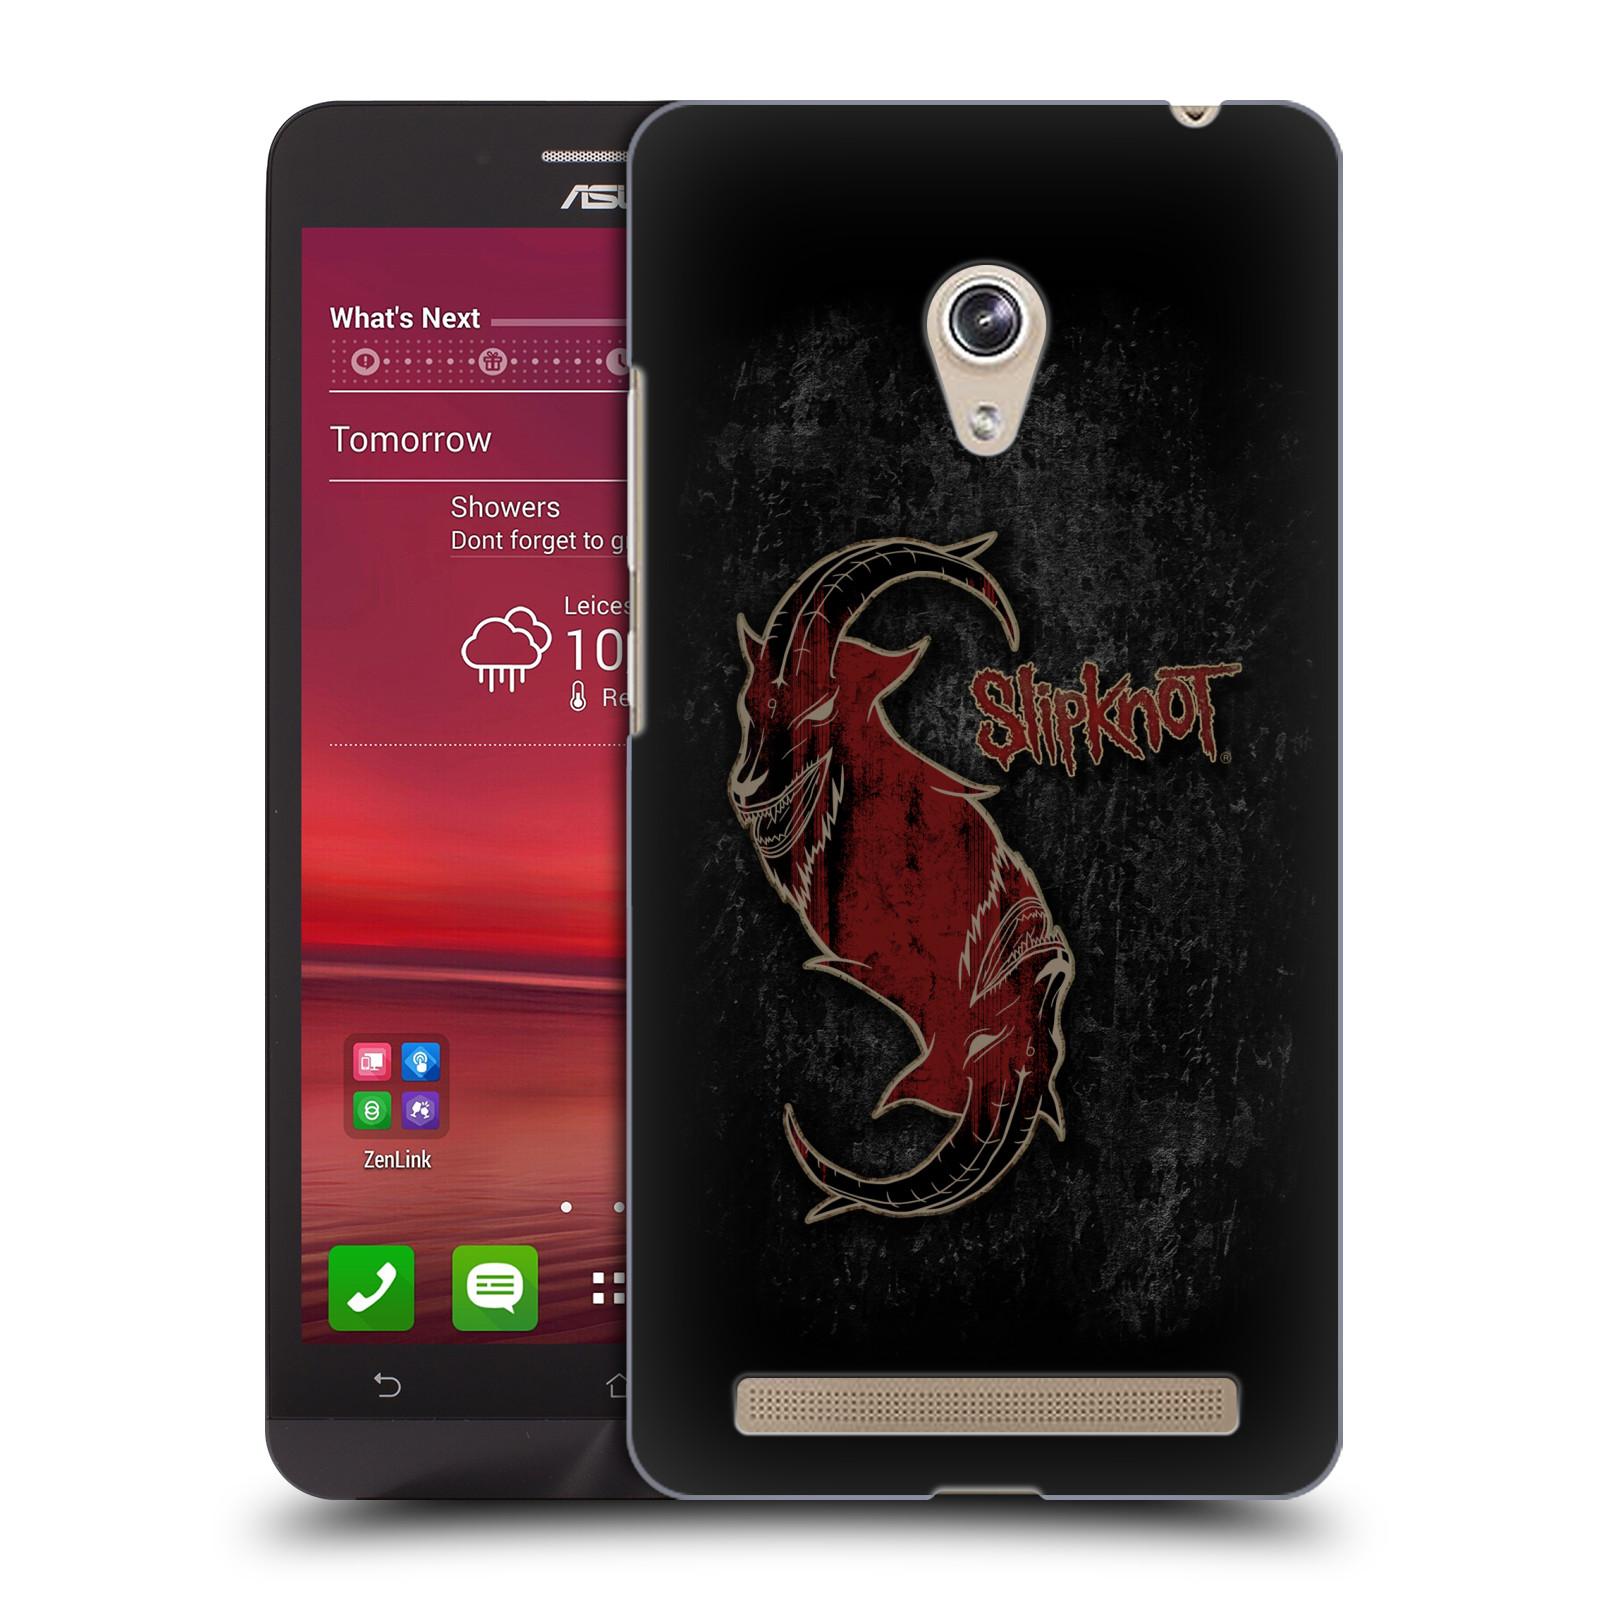 Plastové pouzdro na mobil Asus Zenfone 6 HEAD CASE Slipknot - Rudý kozel (Plastový kryt či obal na mobilní telefon licencovaným motivem Slipknot pro Asus Zenfone 6 A600CG / A601CG)